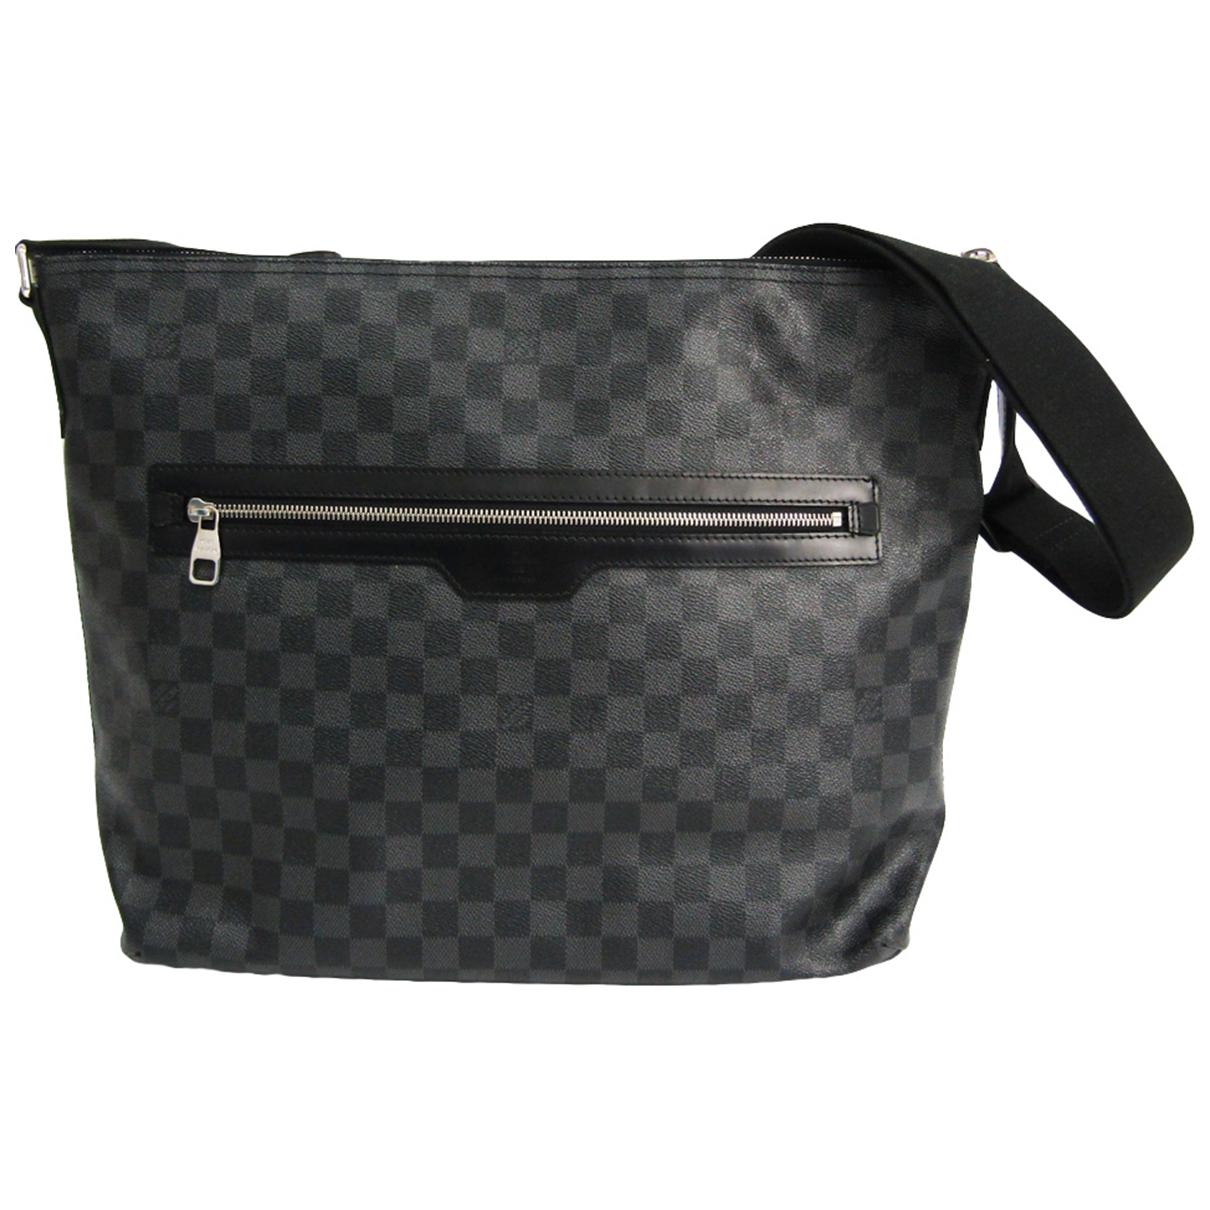 Louis Vuitton N Anthracite Cloth bag for Men N